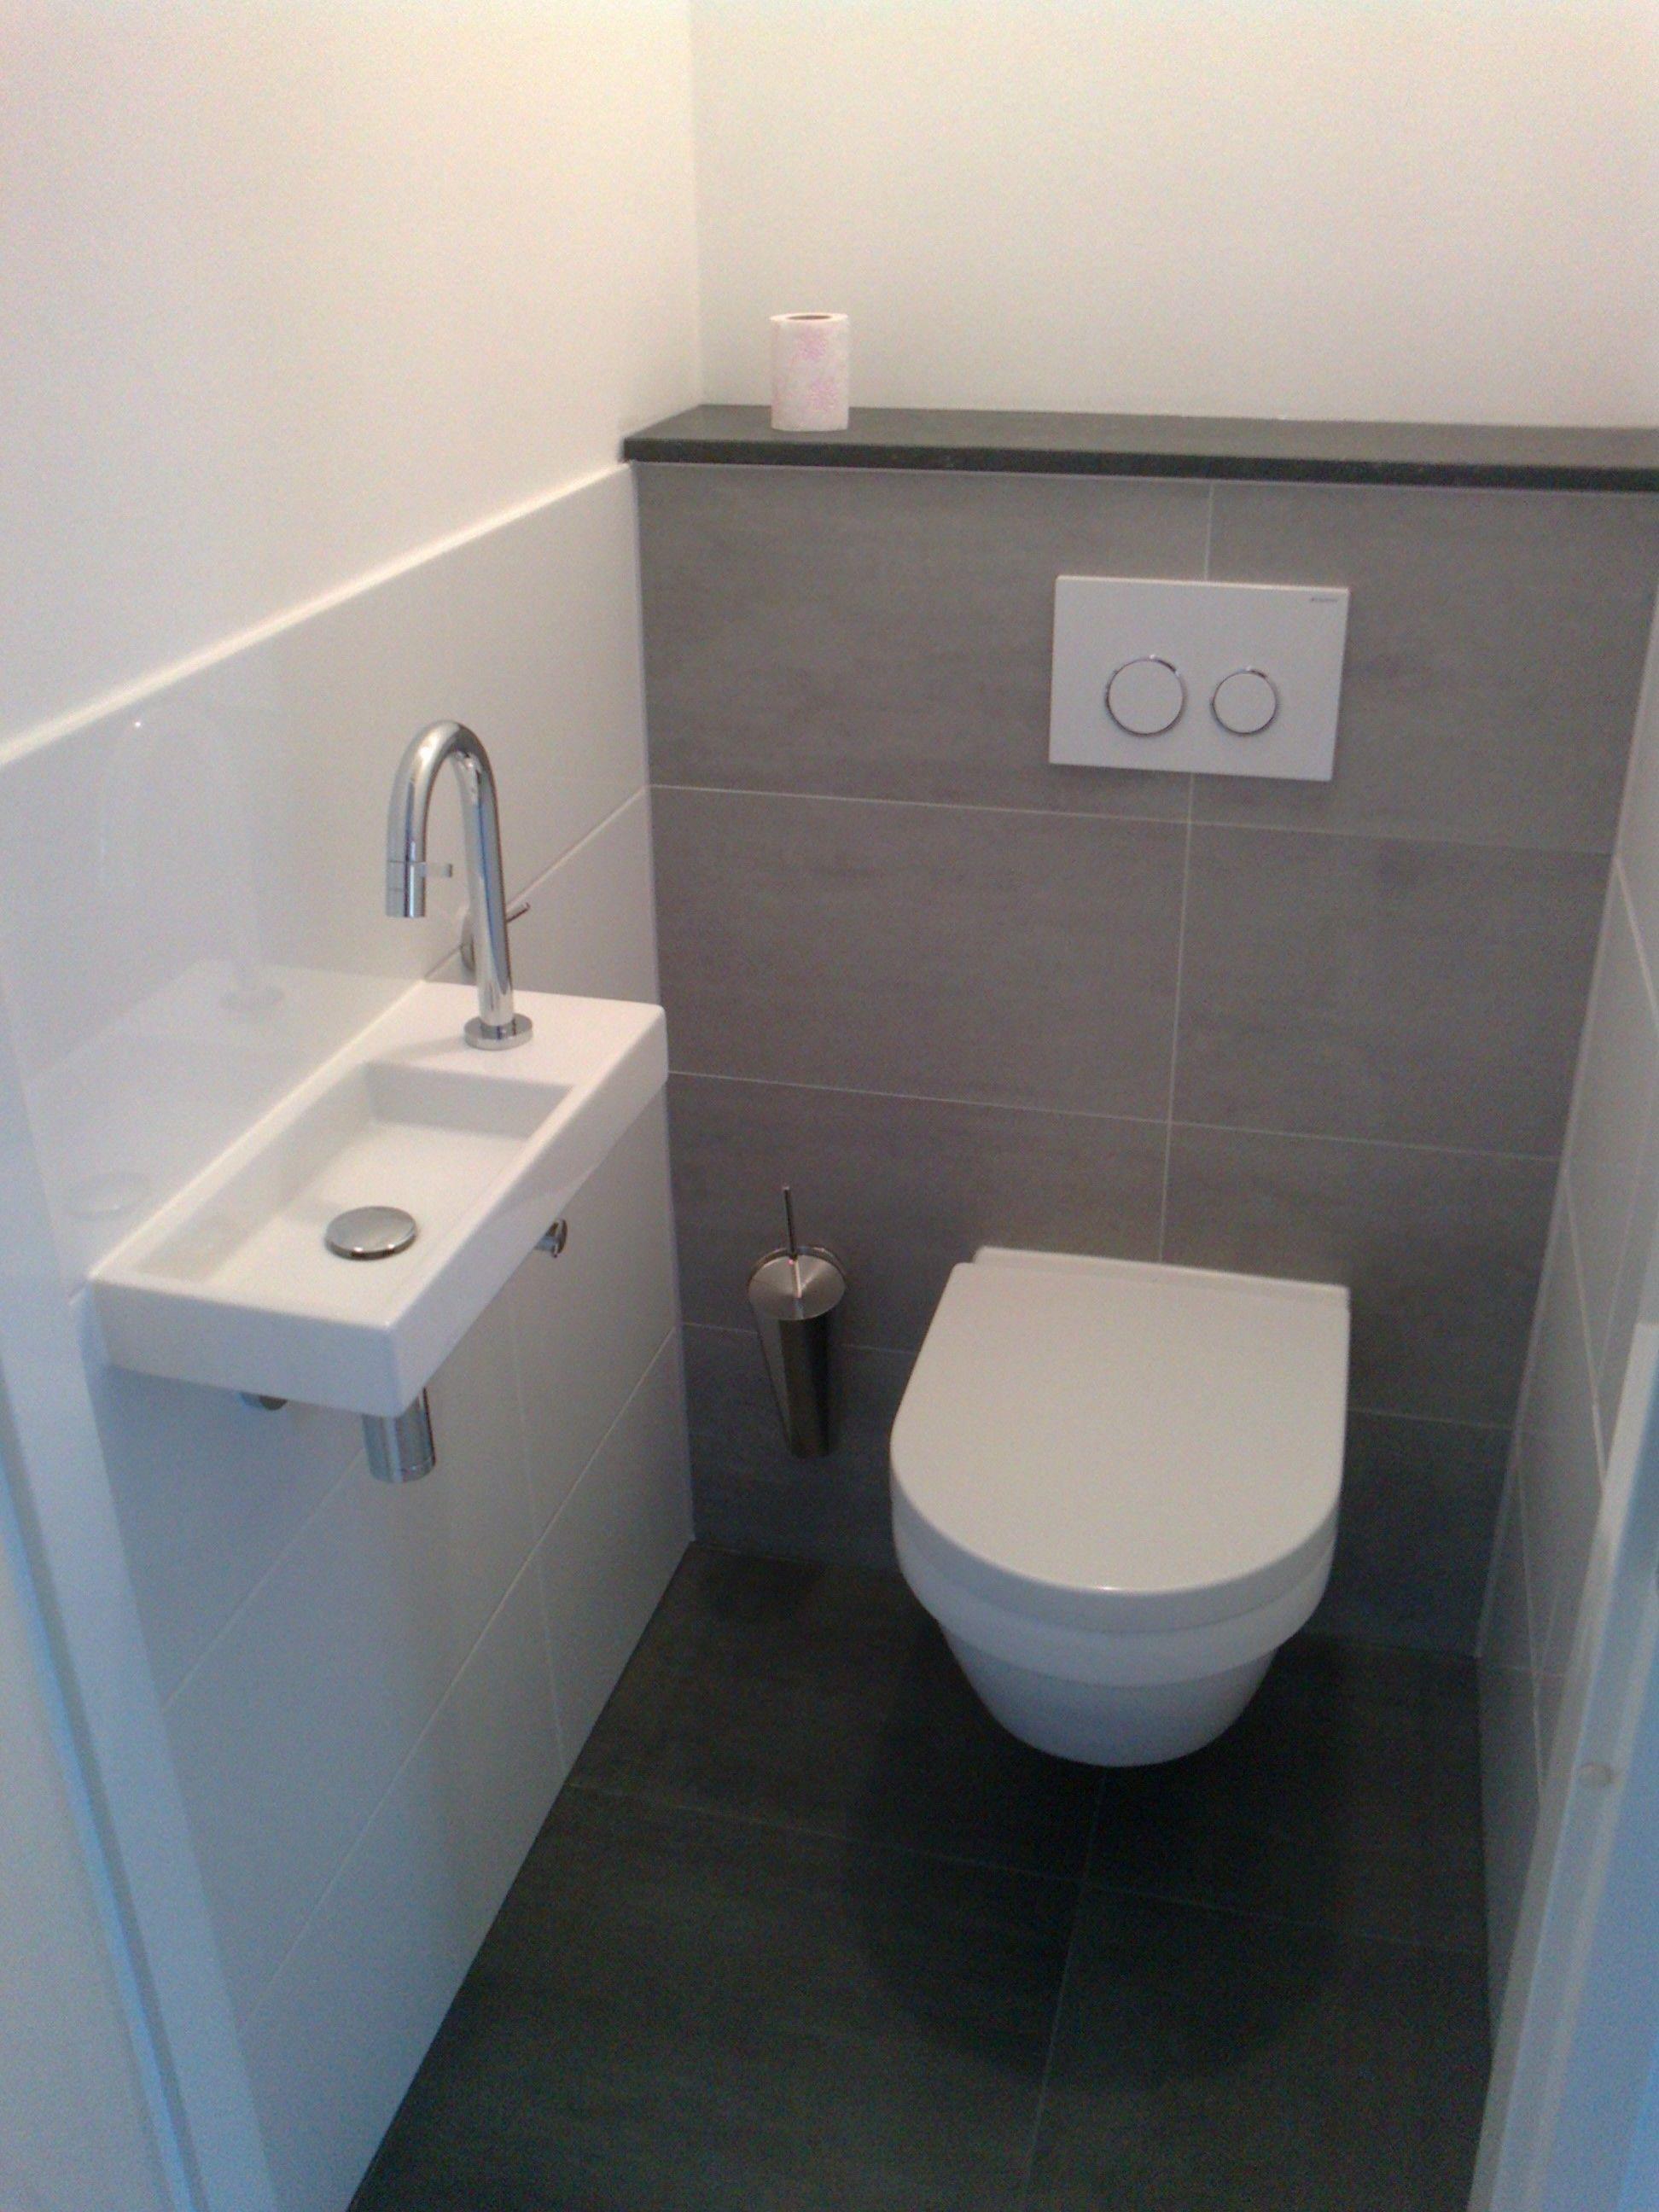 Bekend toilet verbouwen ideeen - Google zoeken - toilet | Pinterest XW86